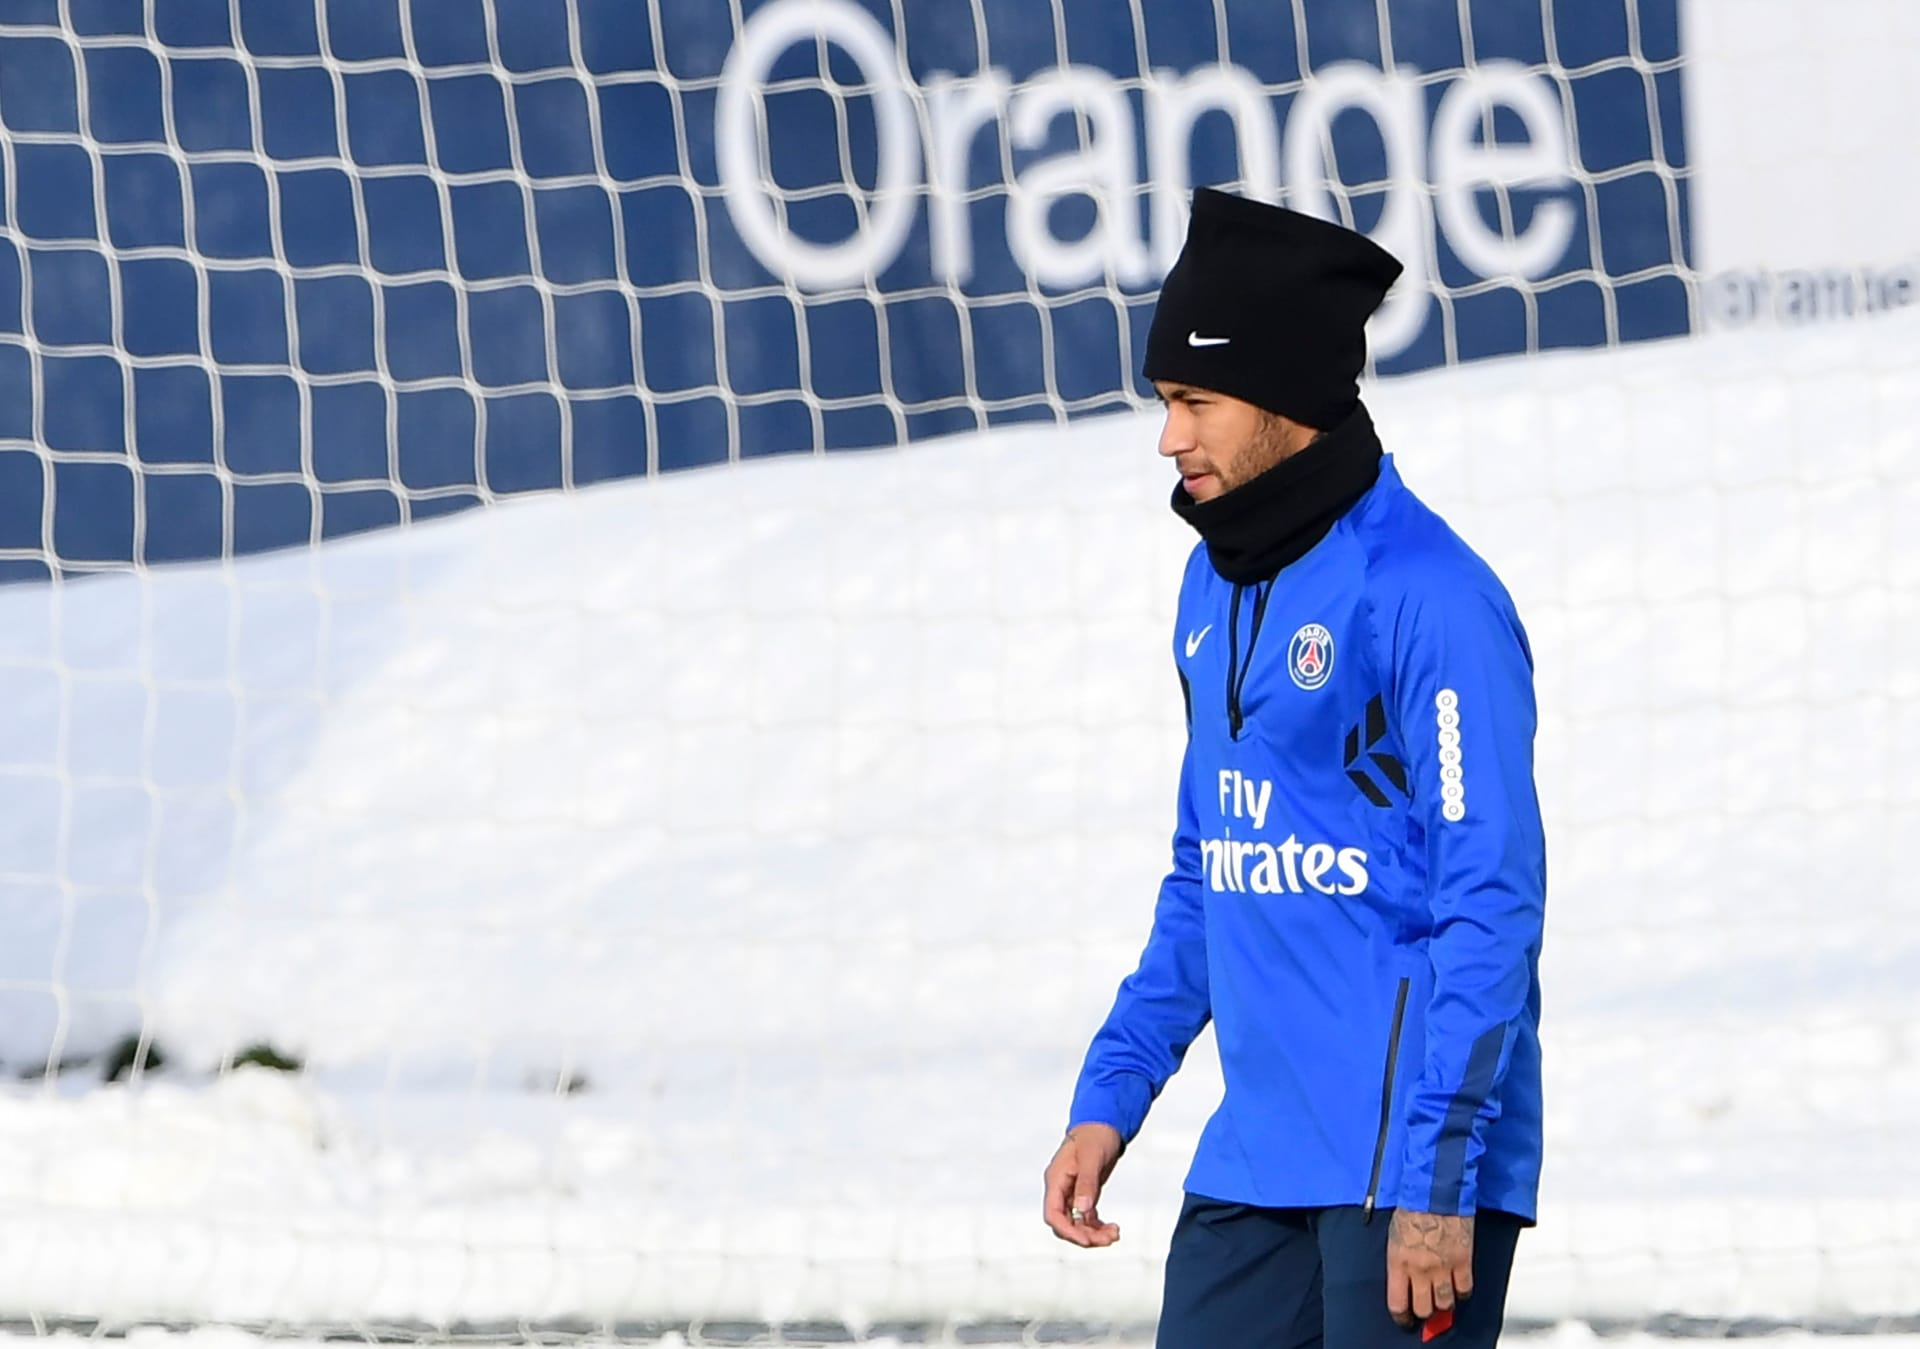 """نيمار يتحدى الثلج بالجلوس """"شبه عار"""" قبل مواجهة ريال مدريد"""